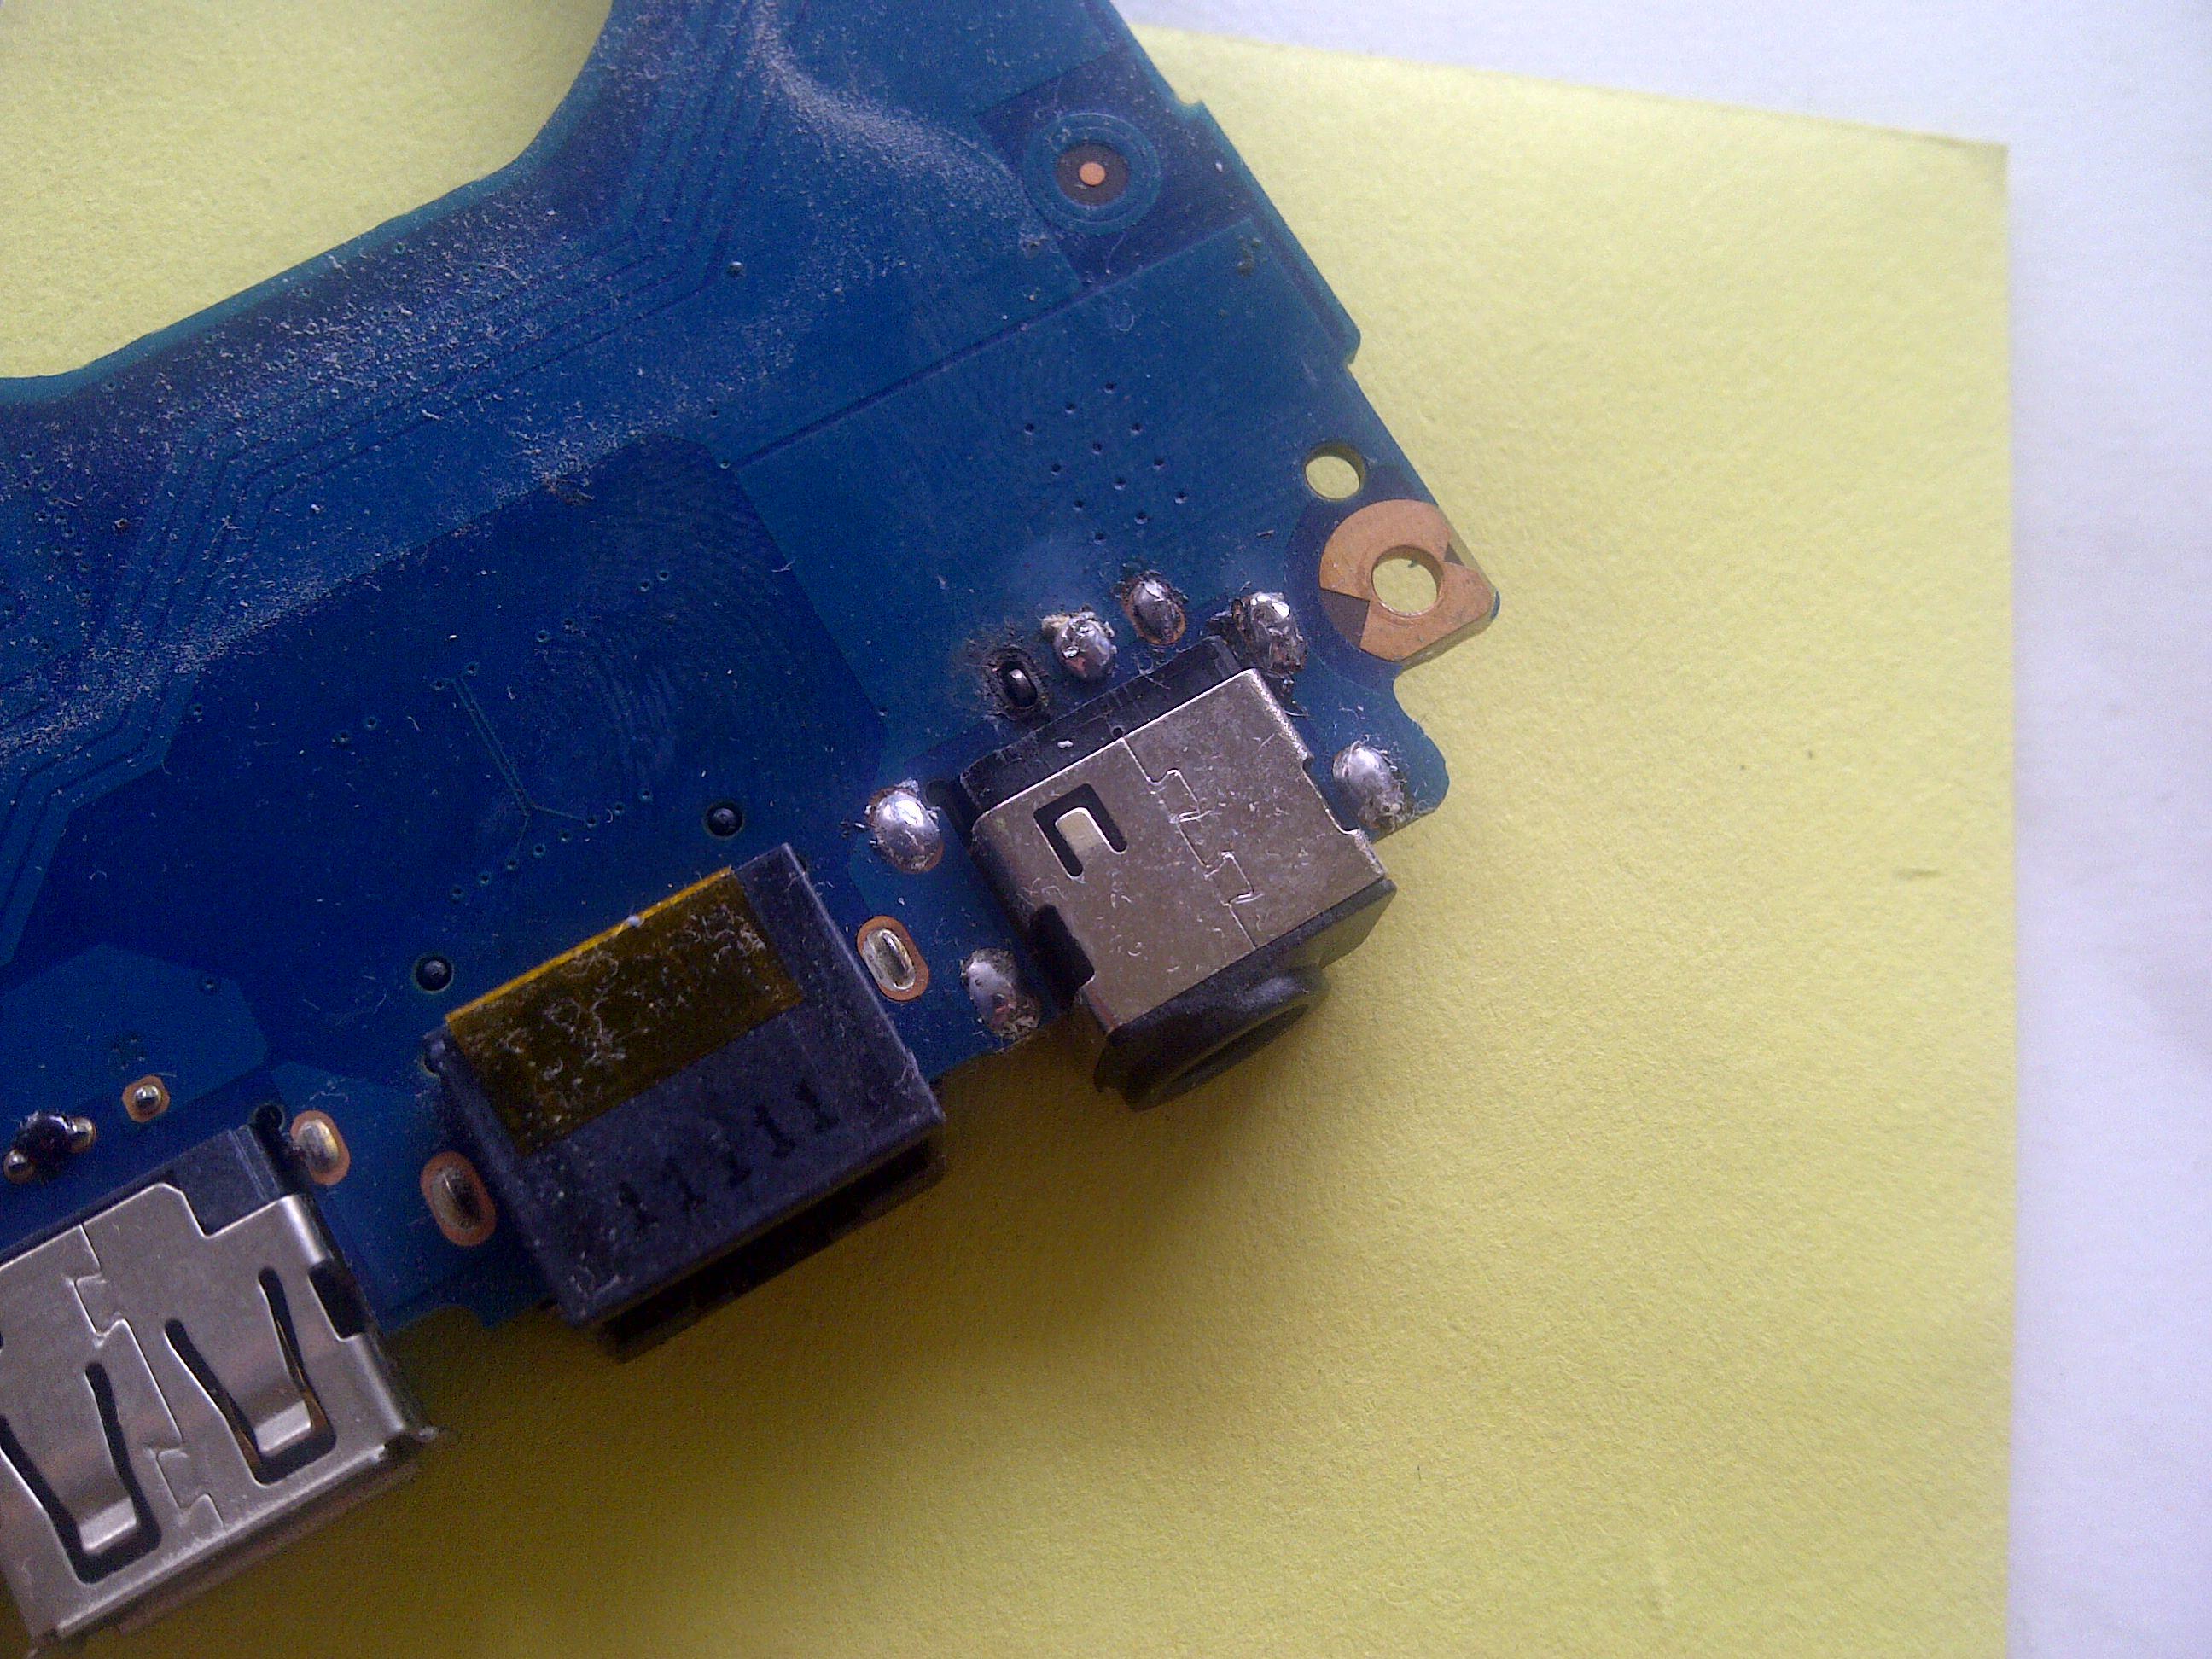 Samsung NP-RC520-S06PL - Urwany pad gniazda zasilania, jak naprawi�?